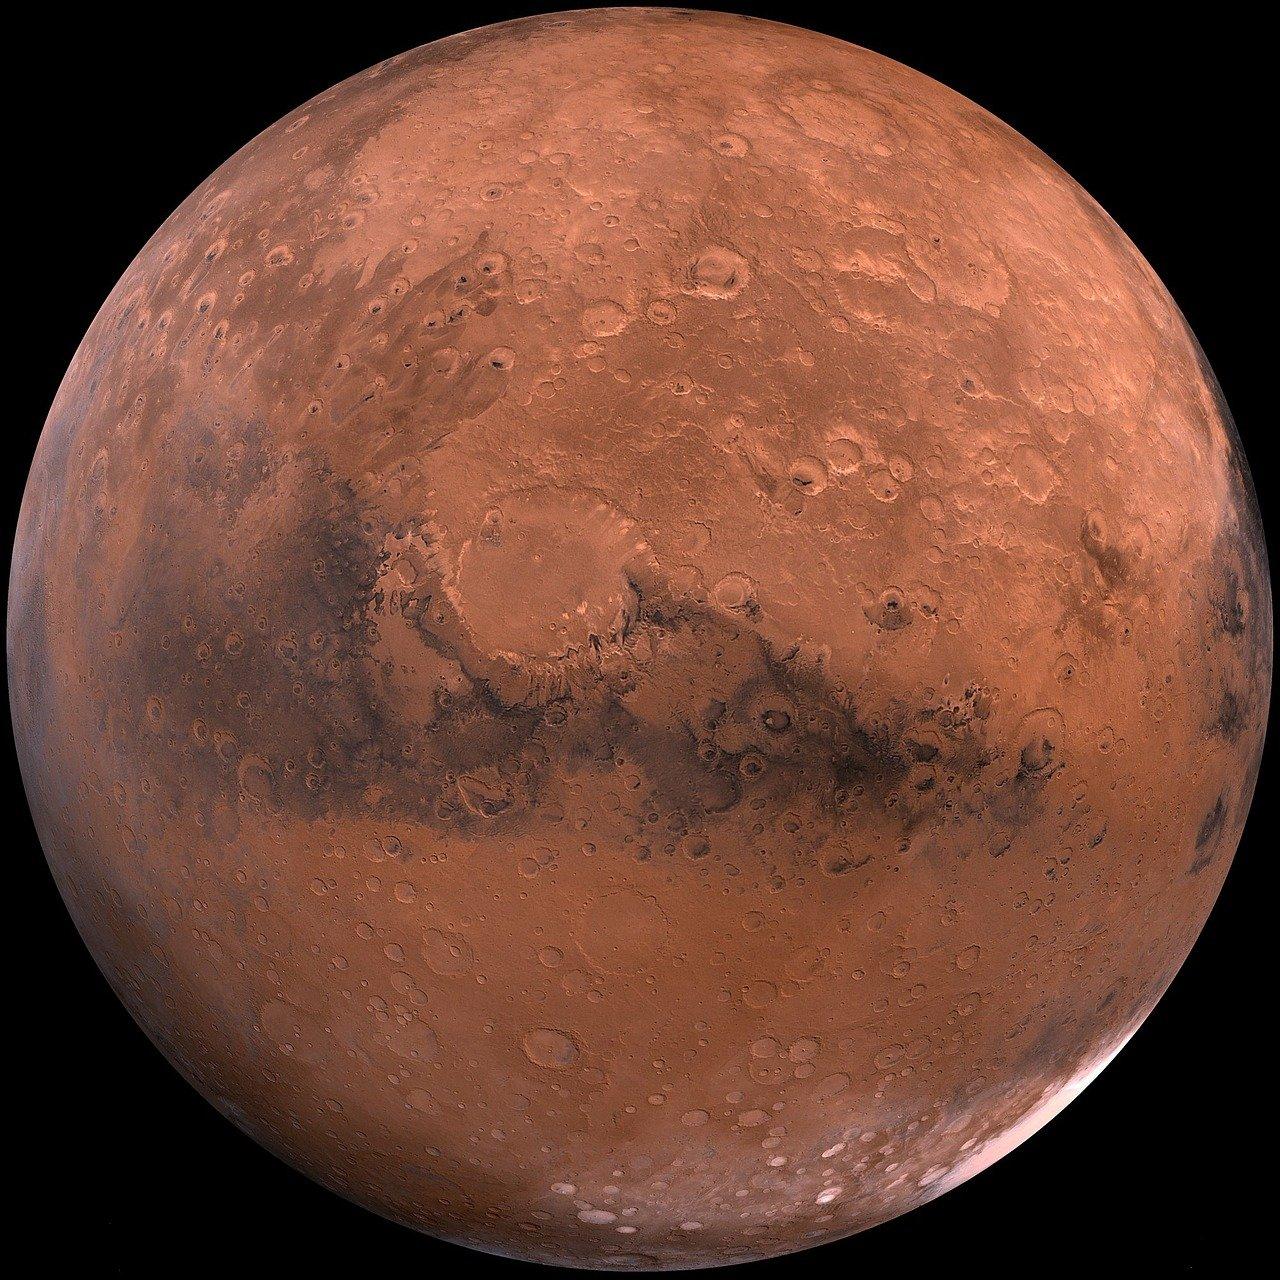 La misión Perseverance de NASA, llegará hoy a Marte